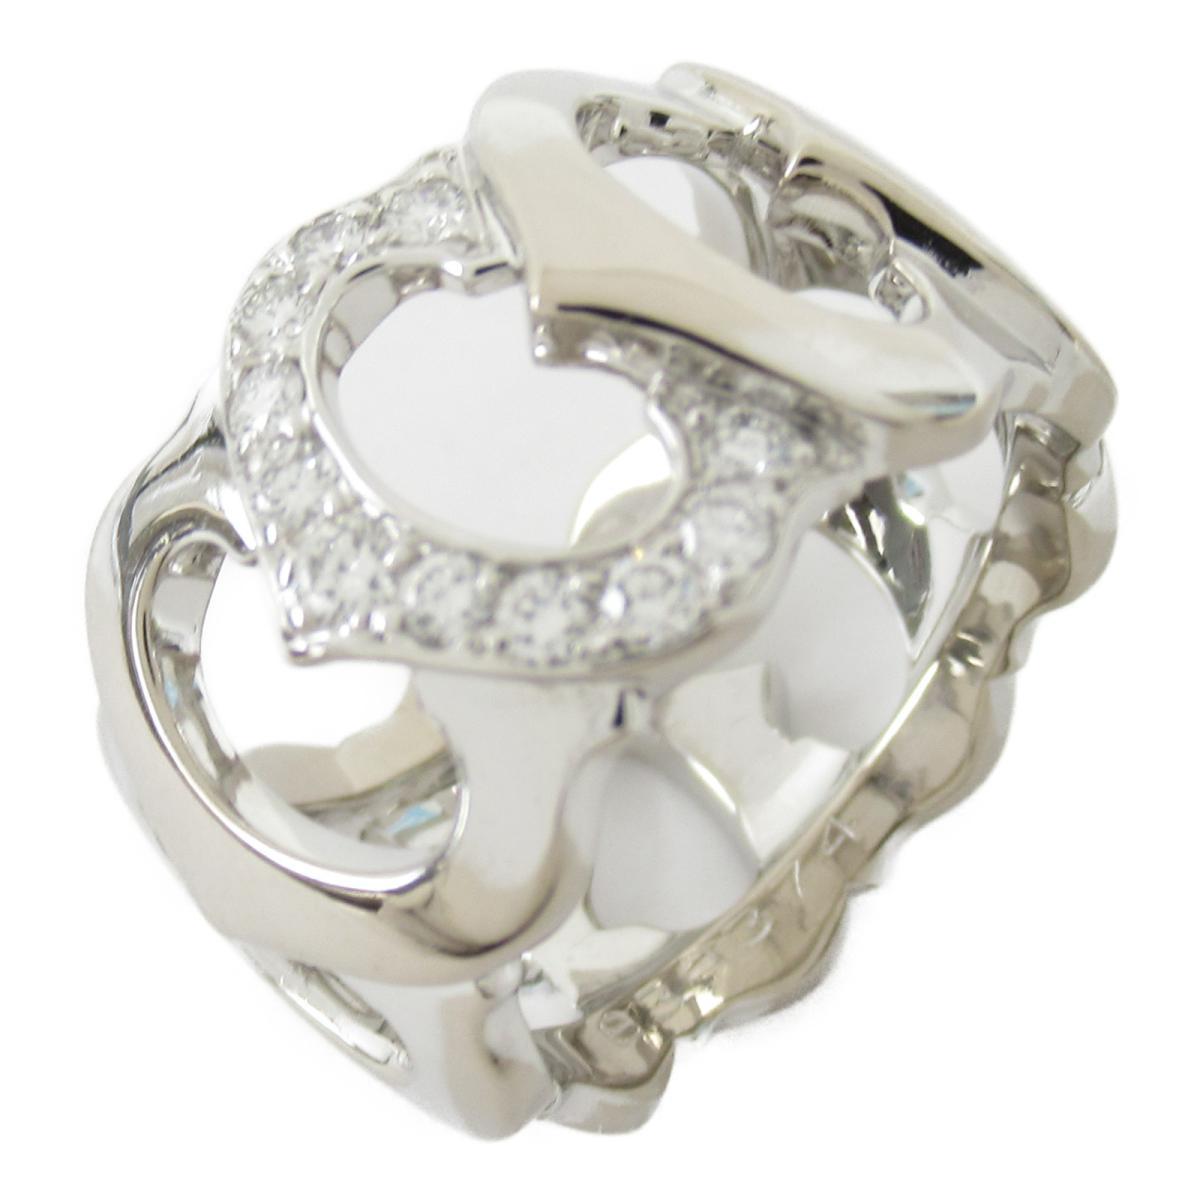 カルティエ Cドゥカルティエ リング 指輪 ブランドジュエリー レディース K18WG (750) ホワイトゴールド x ダイヤモンド 【中古】 | Cartier BRANDOFF ブランドオフ ブランド ジュエリー アクセサリー